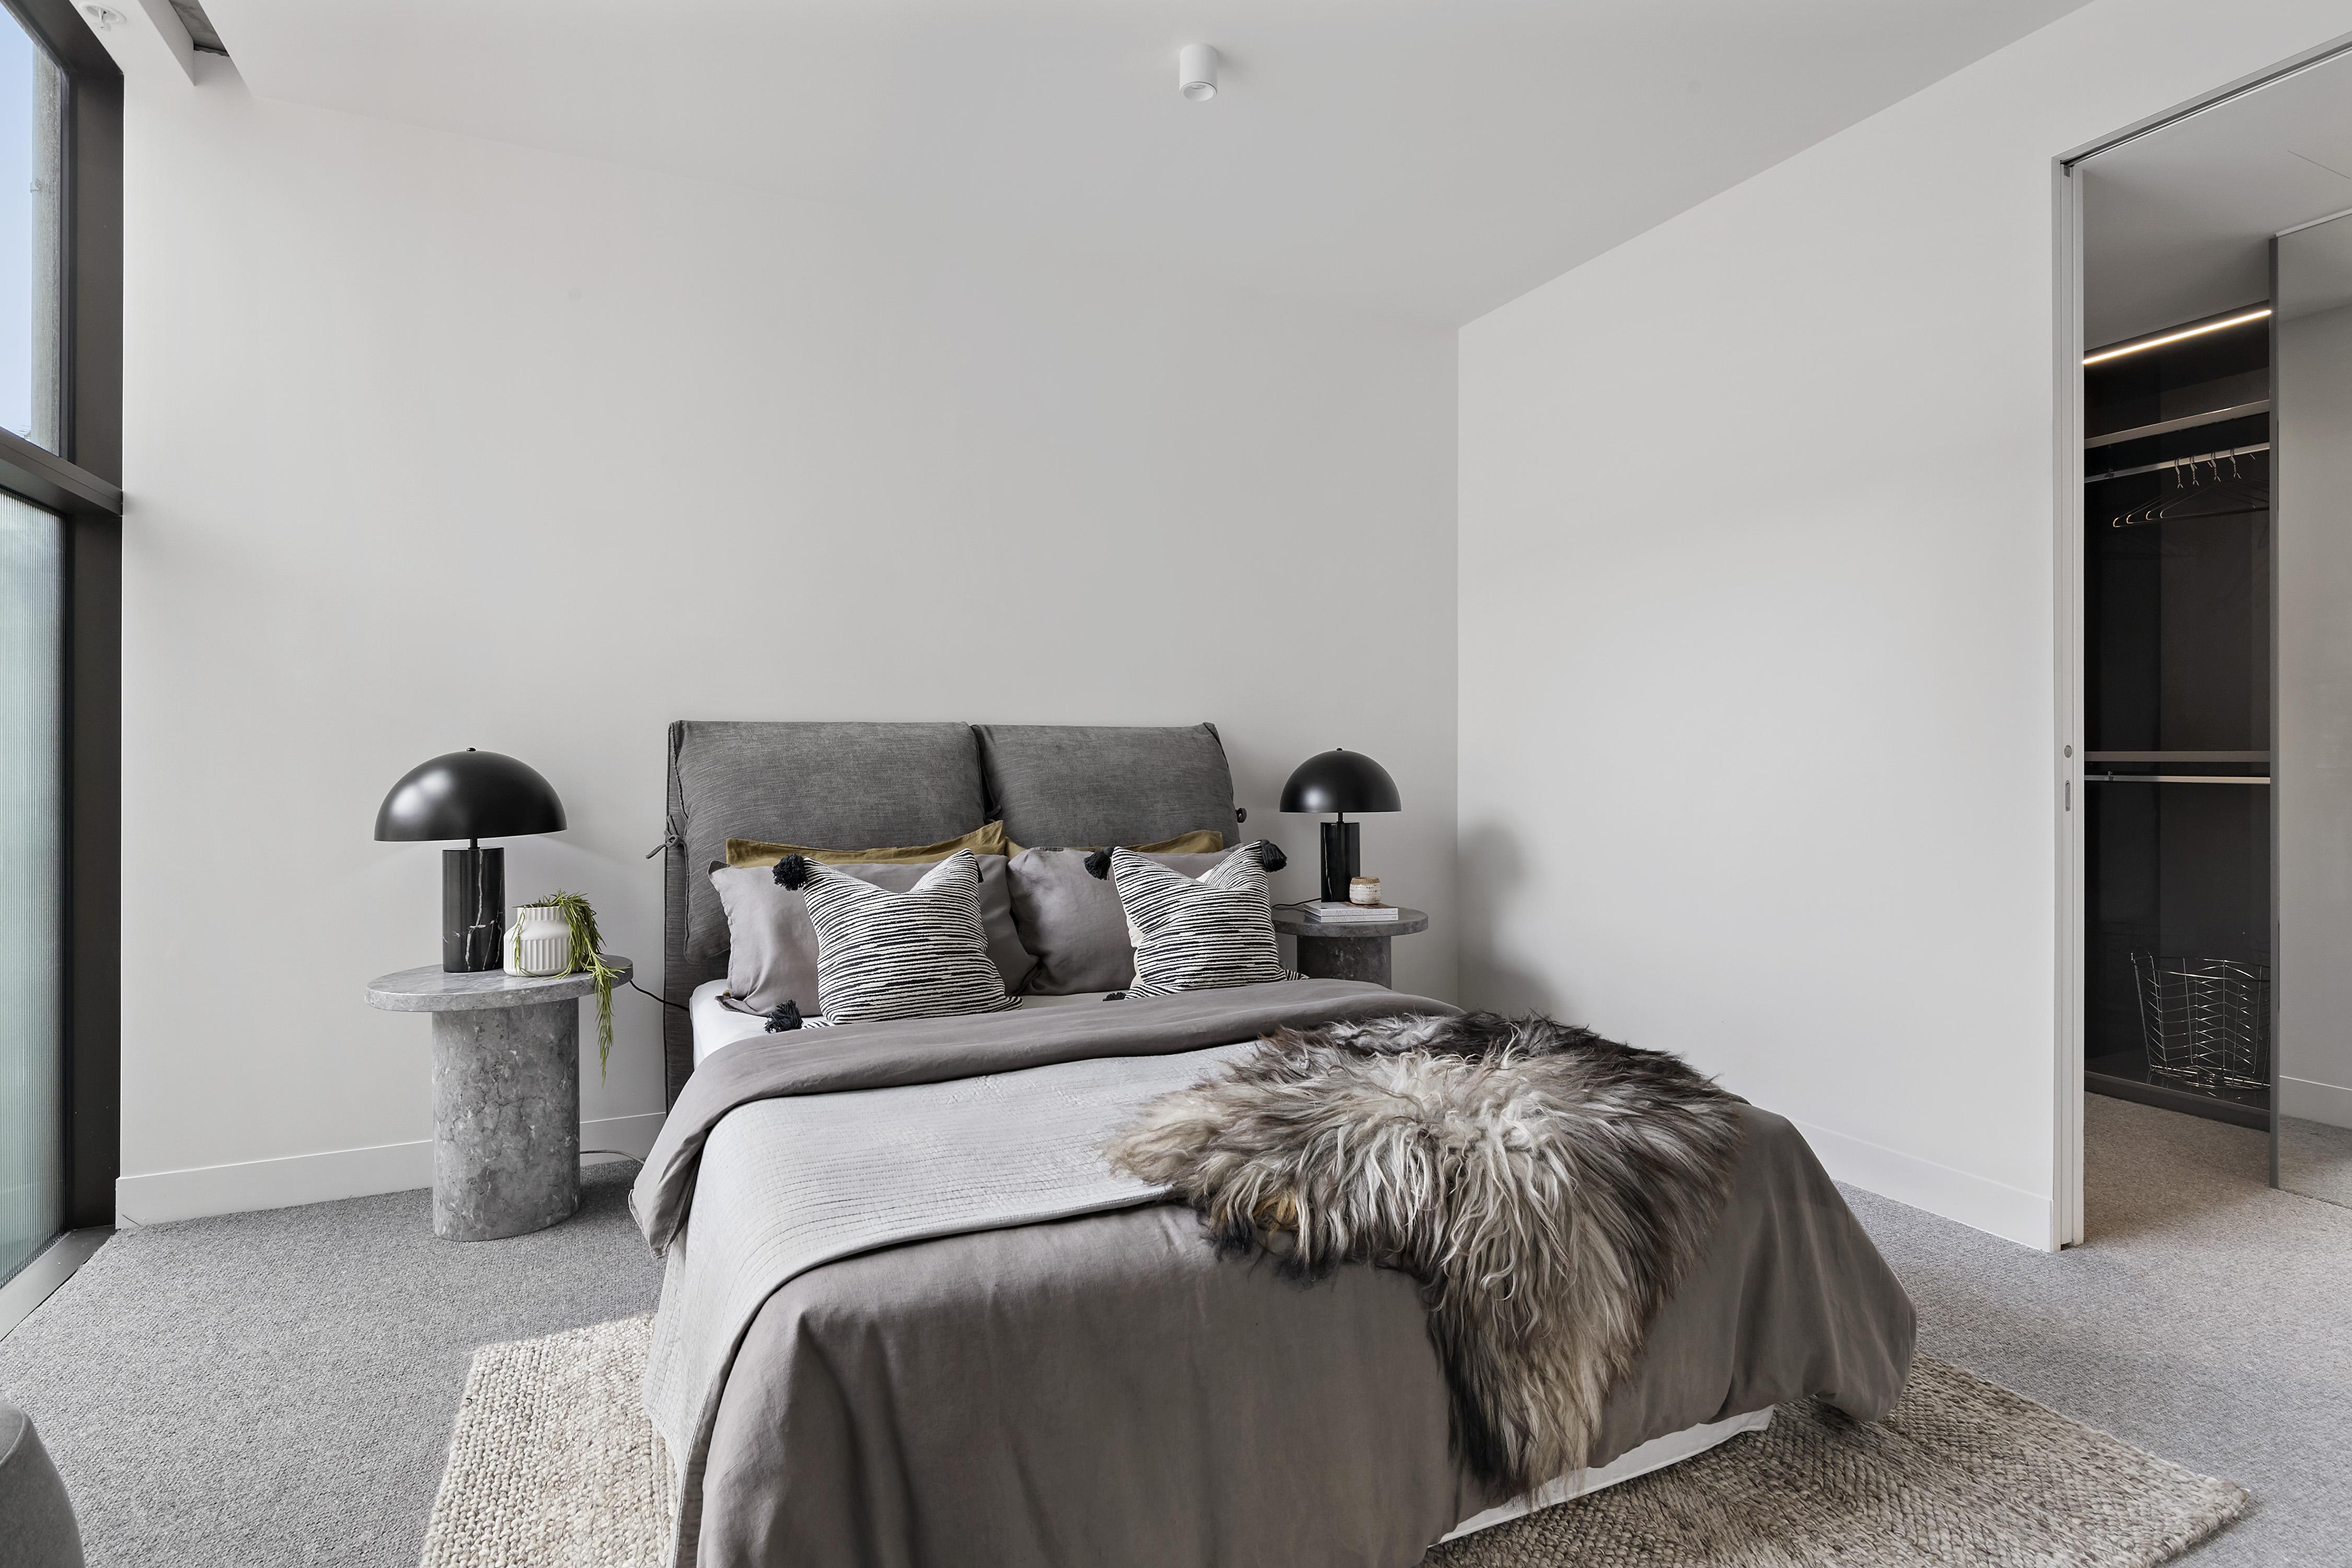 405-9-johnston-street-port-melbourne-student-accommodation-Melbourne-Bedroom-Unilodgers